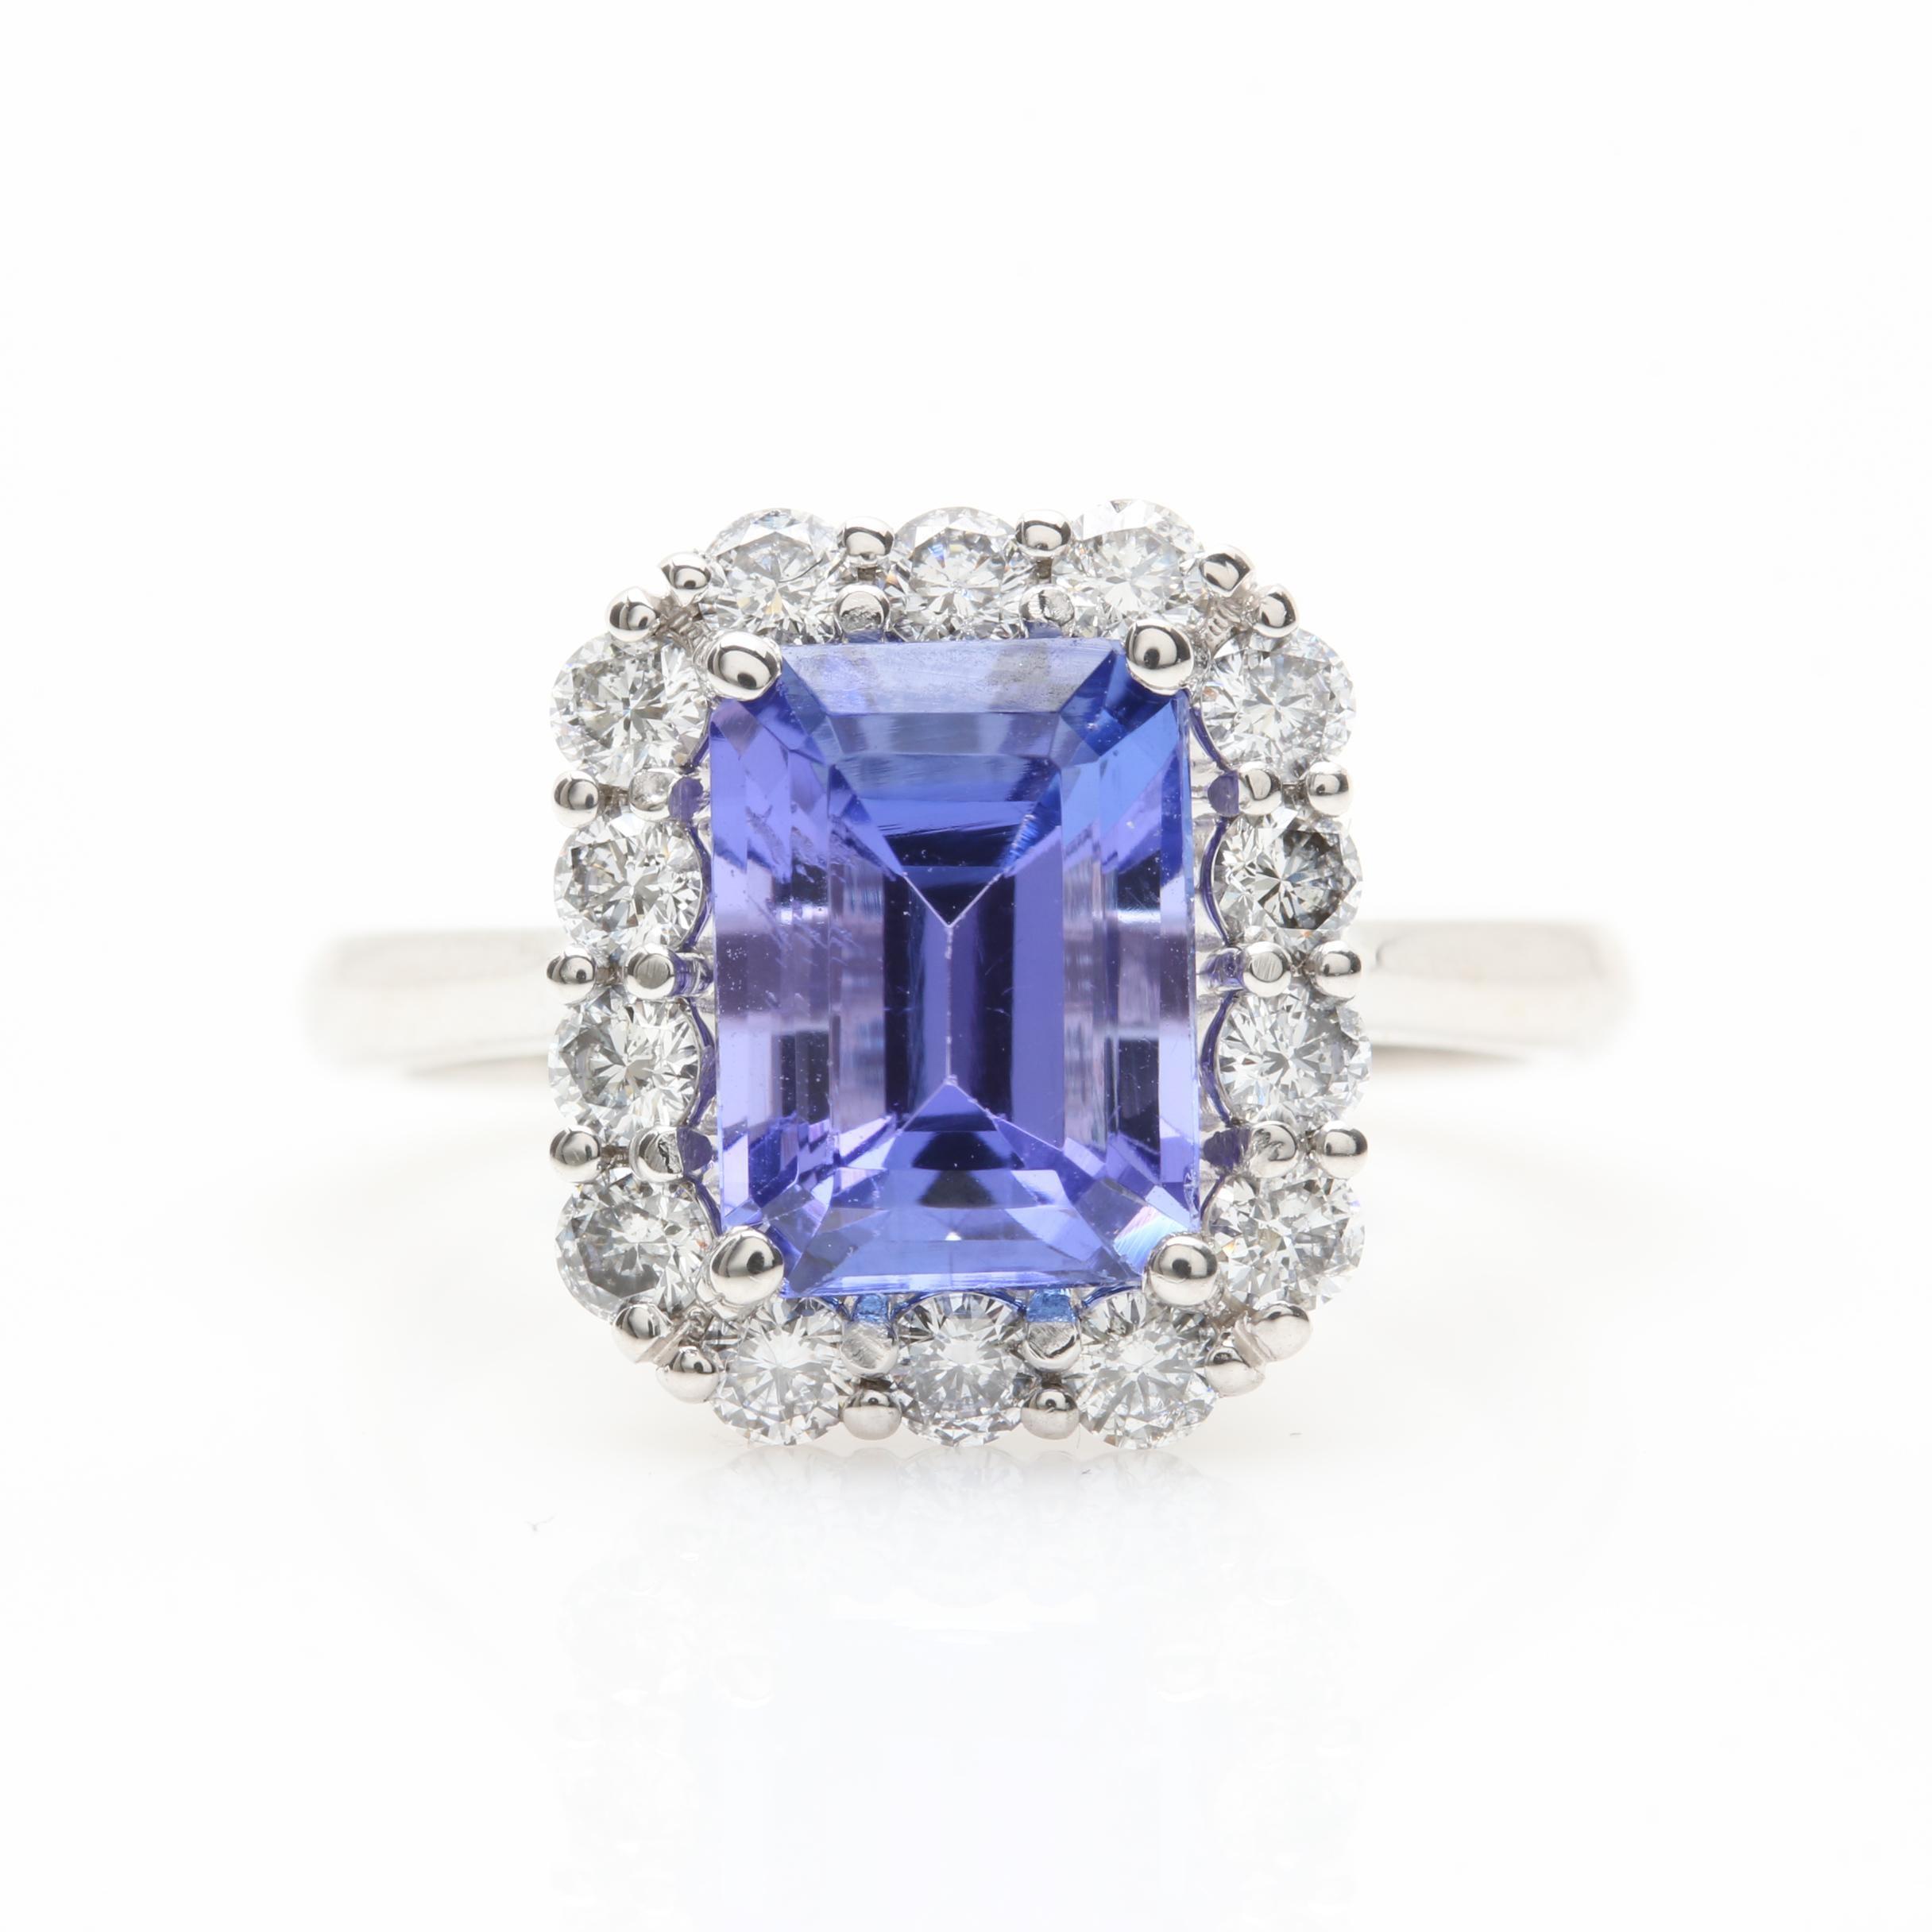 14K White Gold 3.06 CT Tanzanite and Diamond Ring